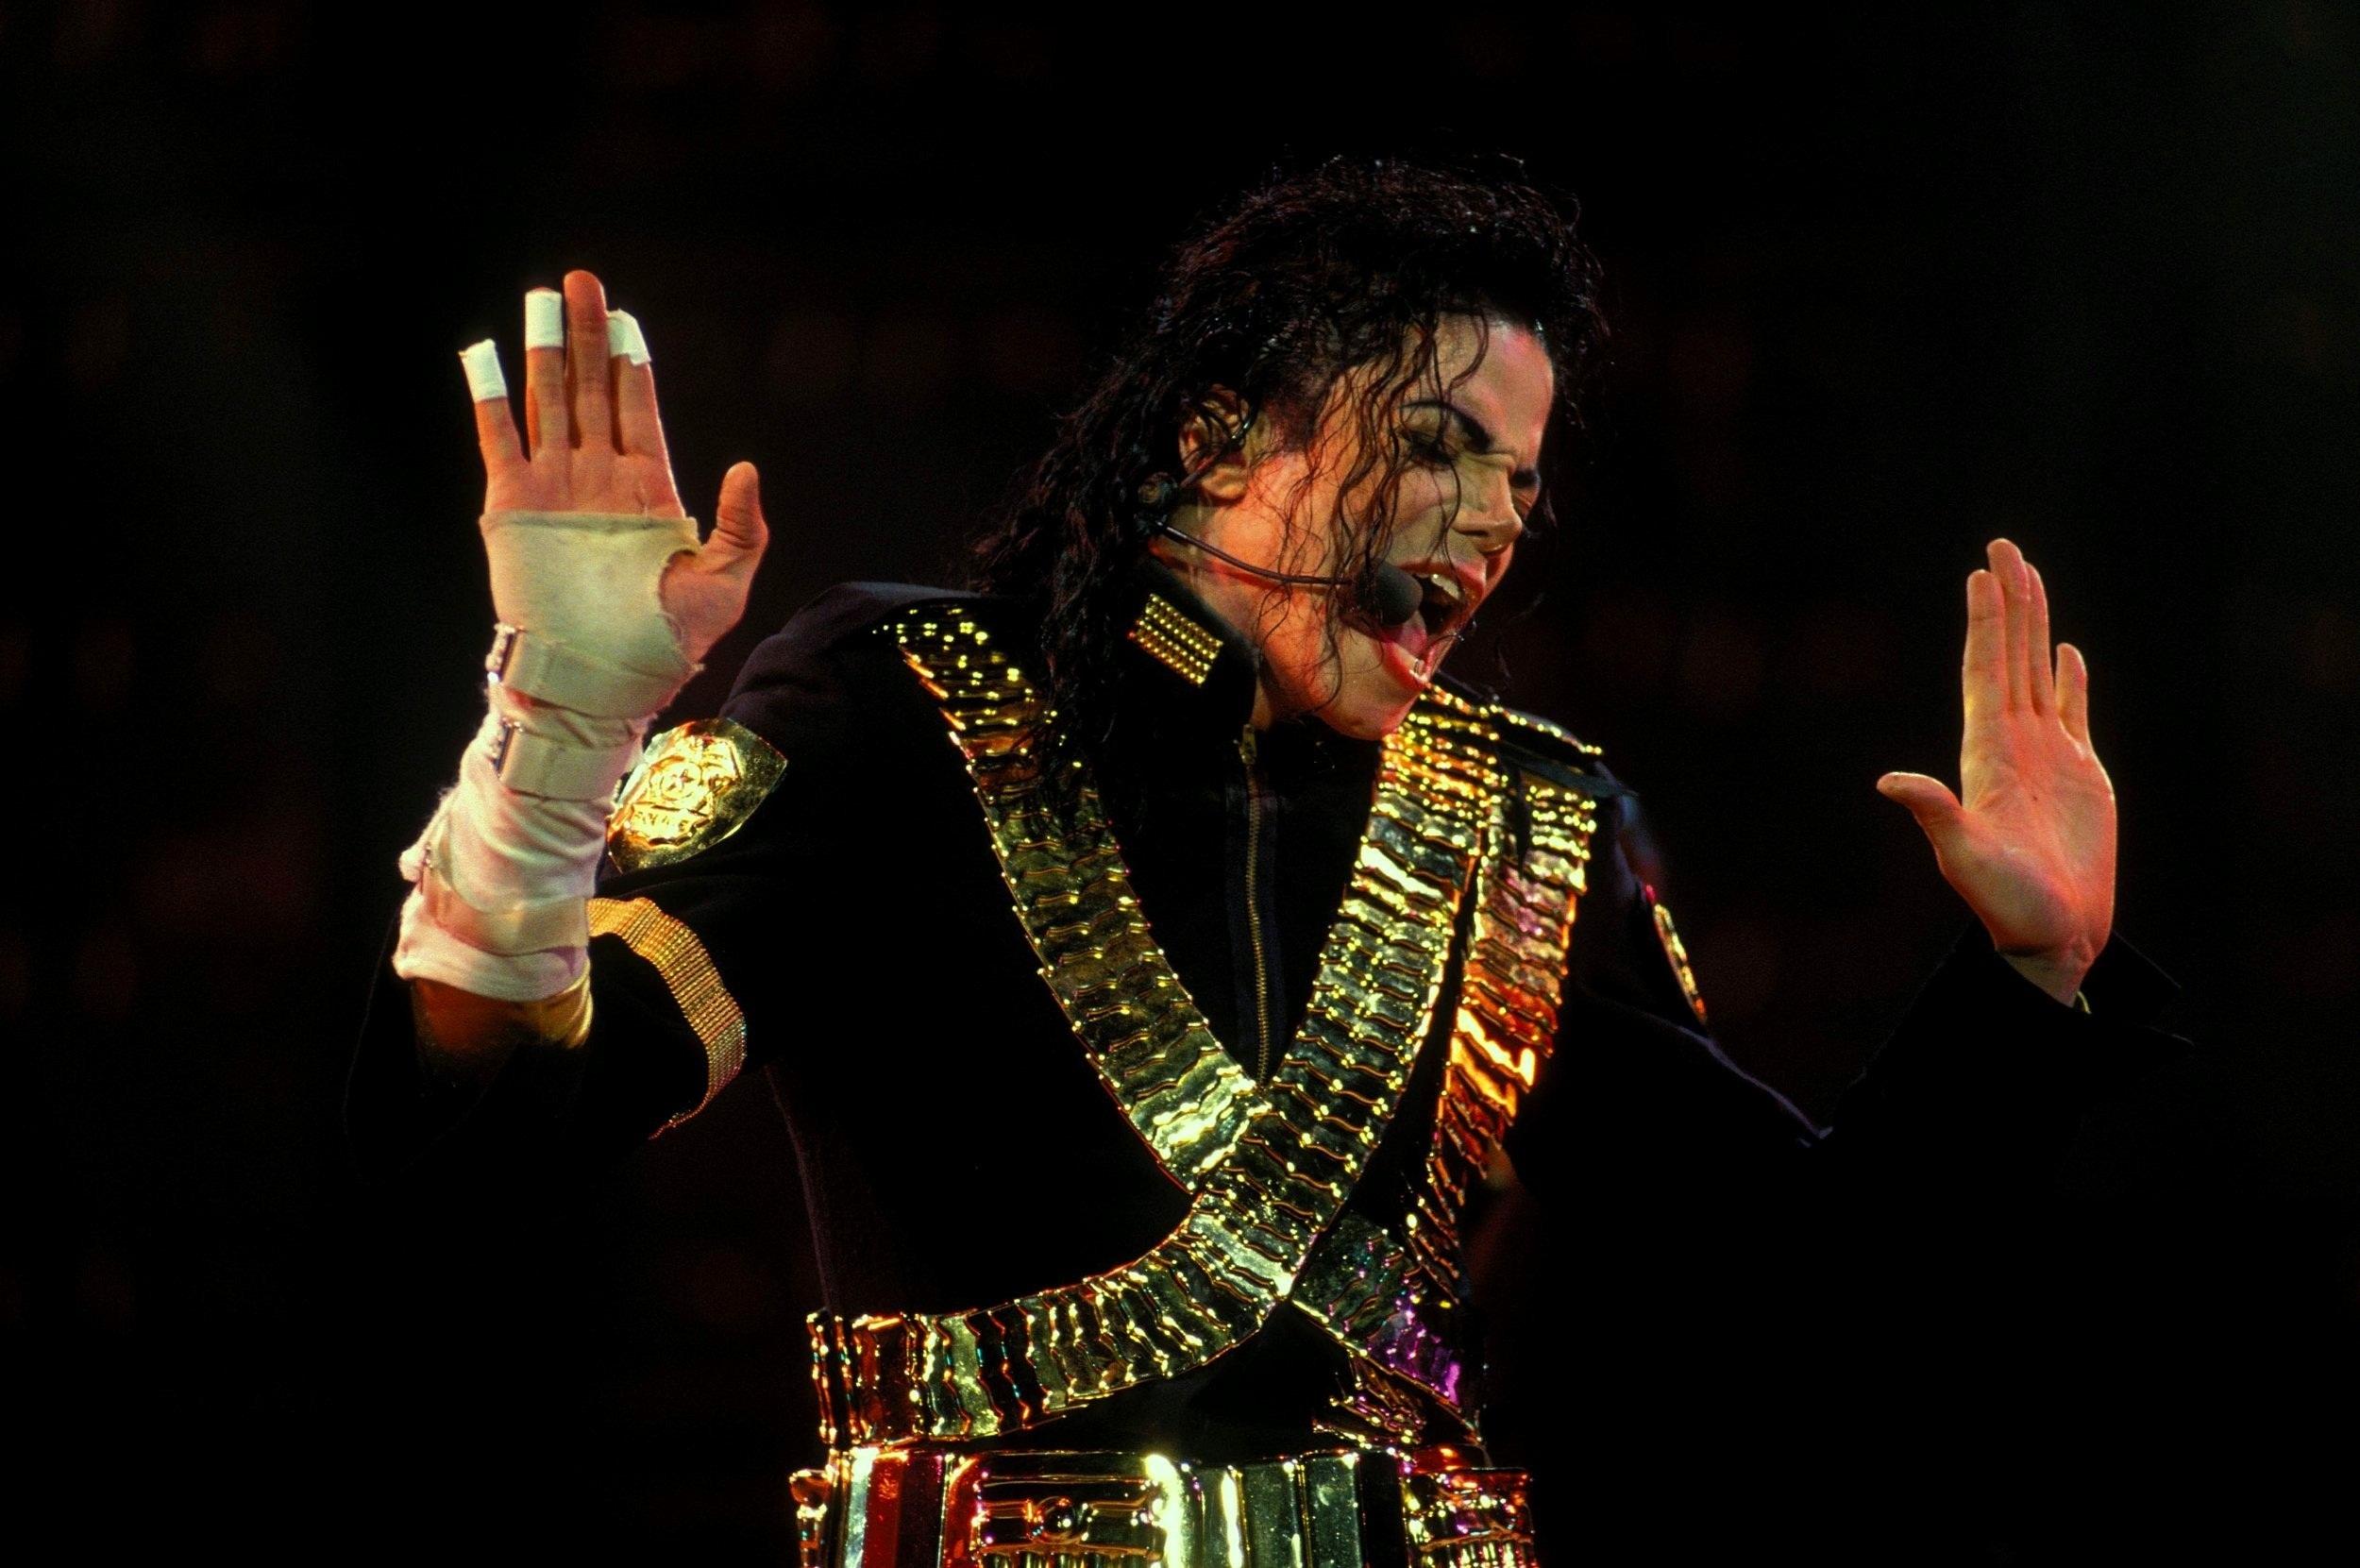 迈克尔杰克逊壁纸